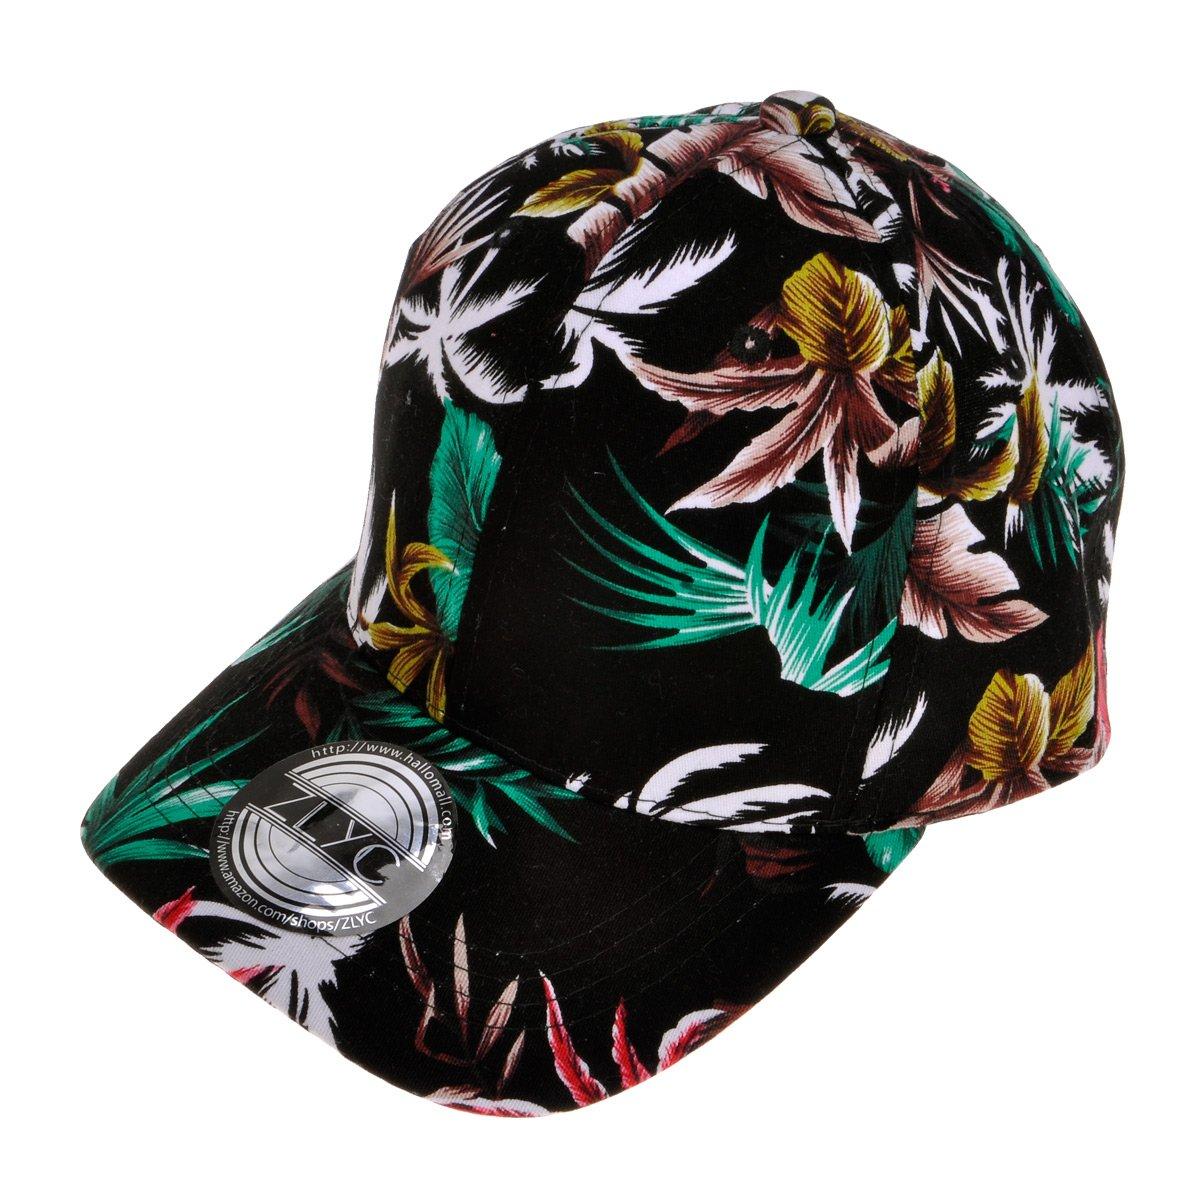 ZLYC - Gorra de béisbol - para mujer Black Vintage Flower talla única   Amazon.es  Ropa y accesorios 0efea8368f7